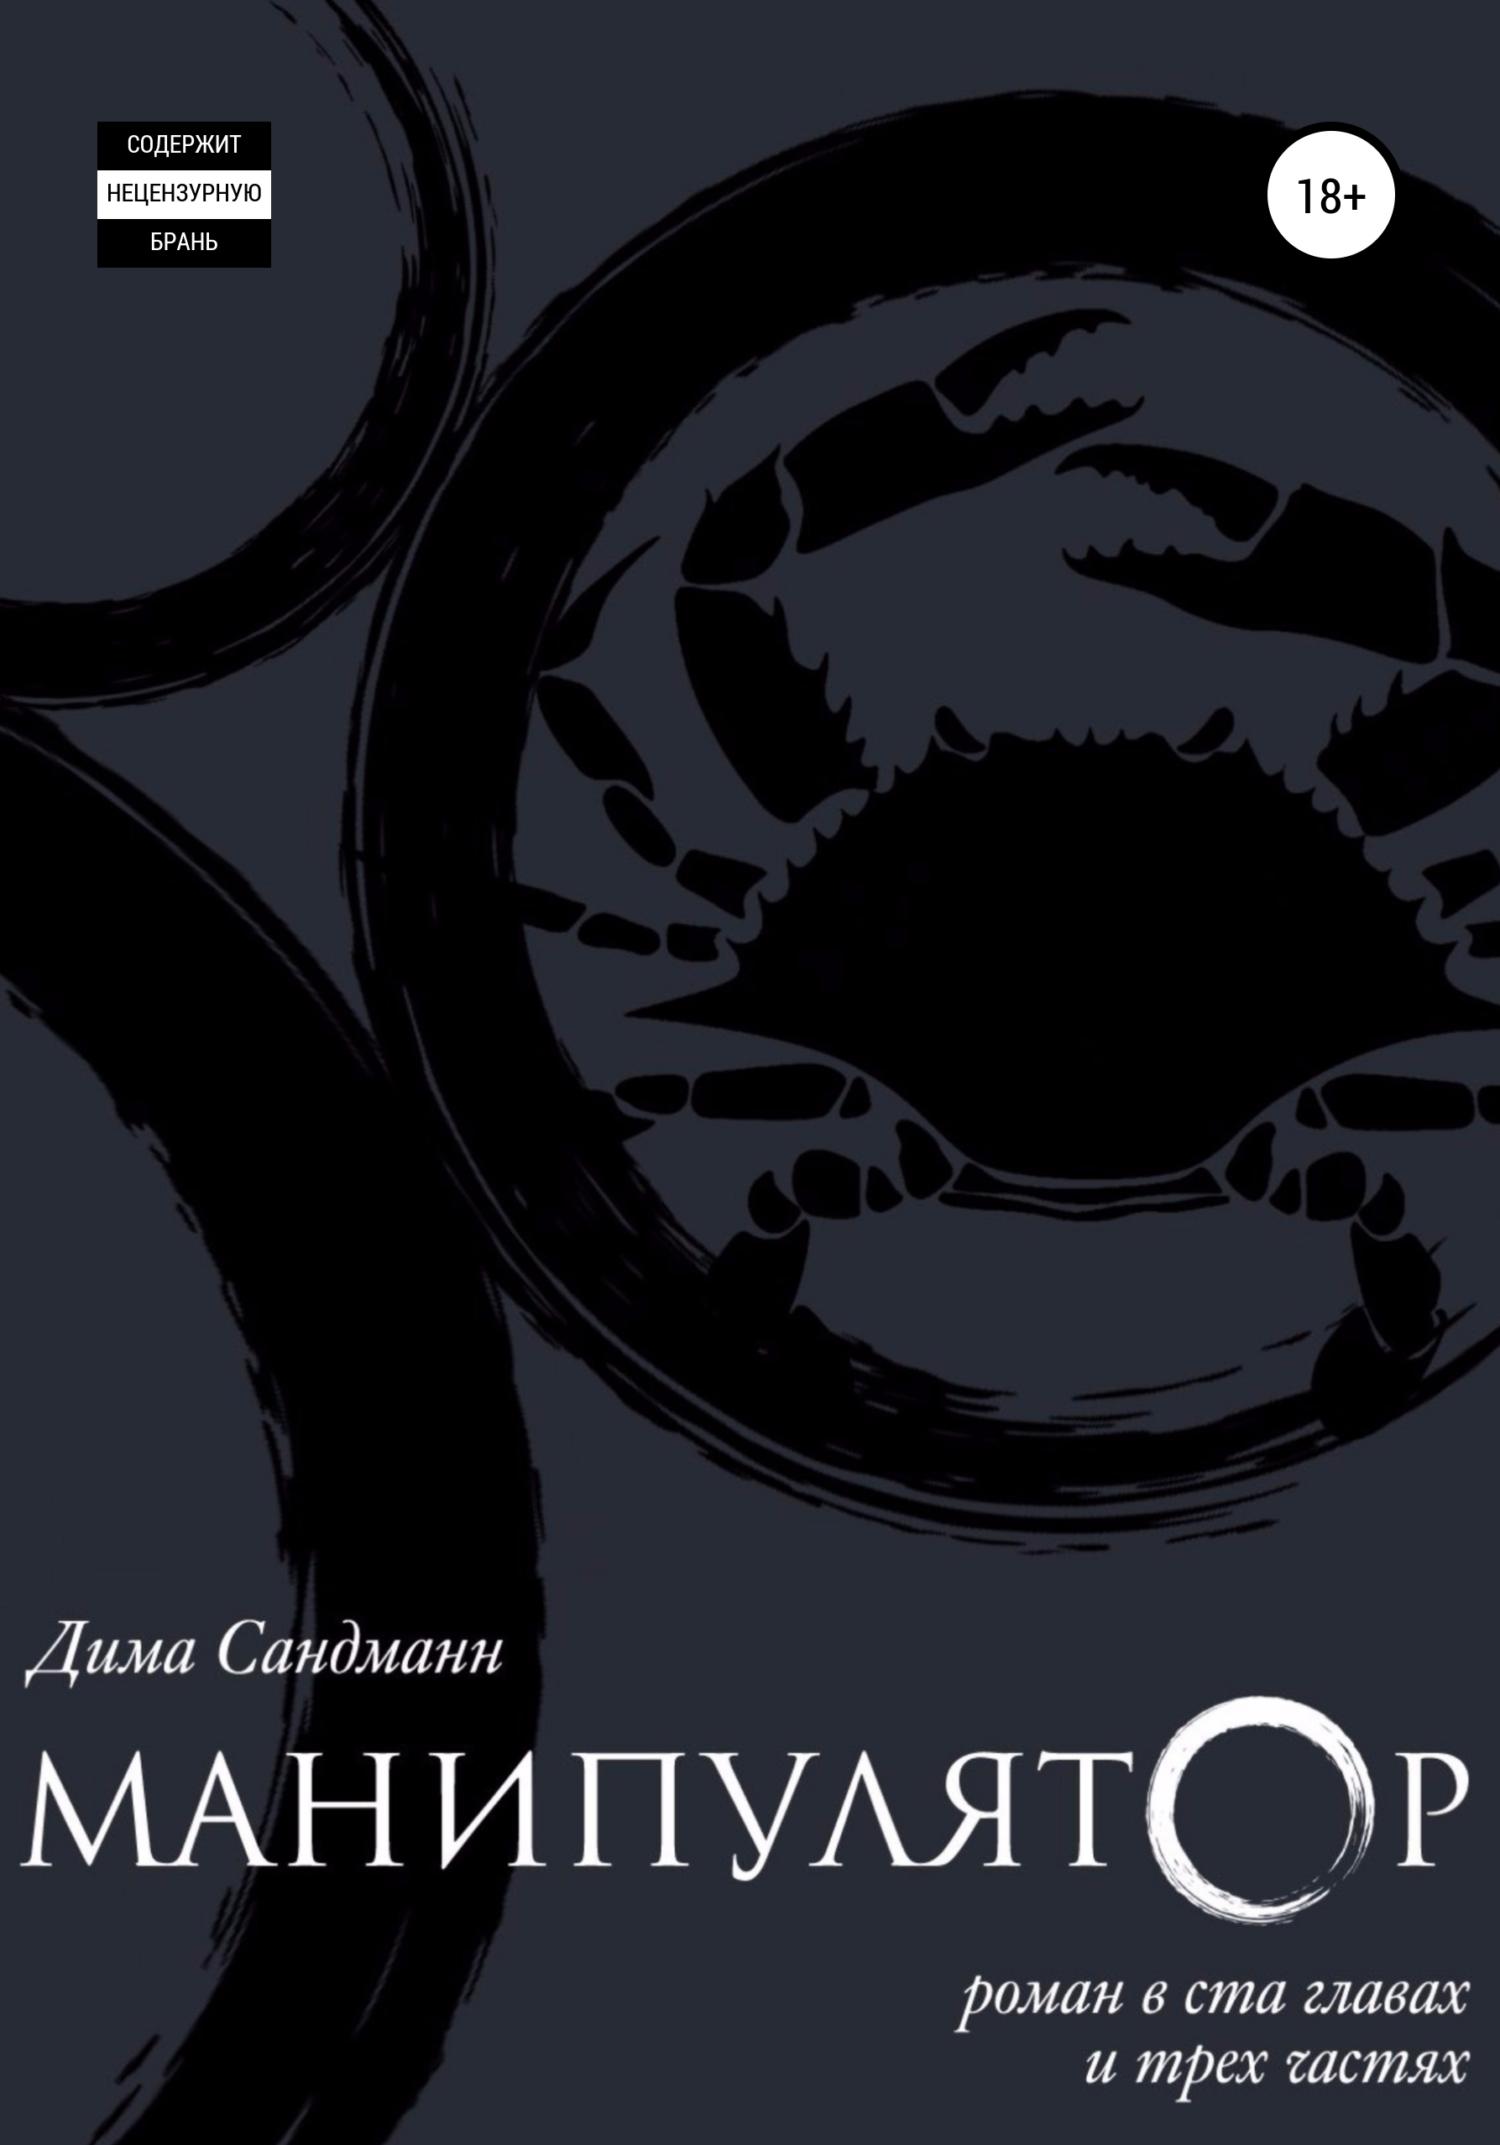 Дима Сандманн Манипулятор. Глава 057 дима сандманн манипулятор глава 016